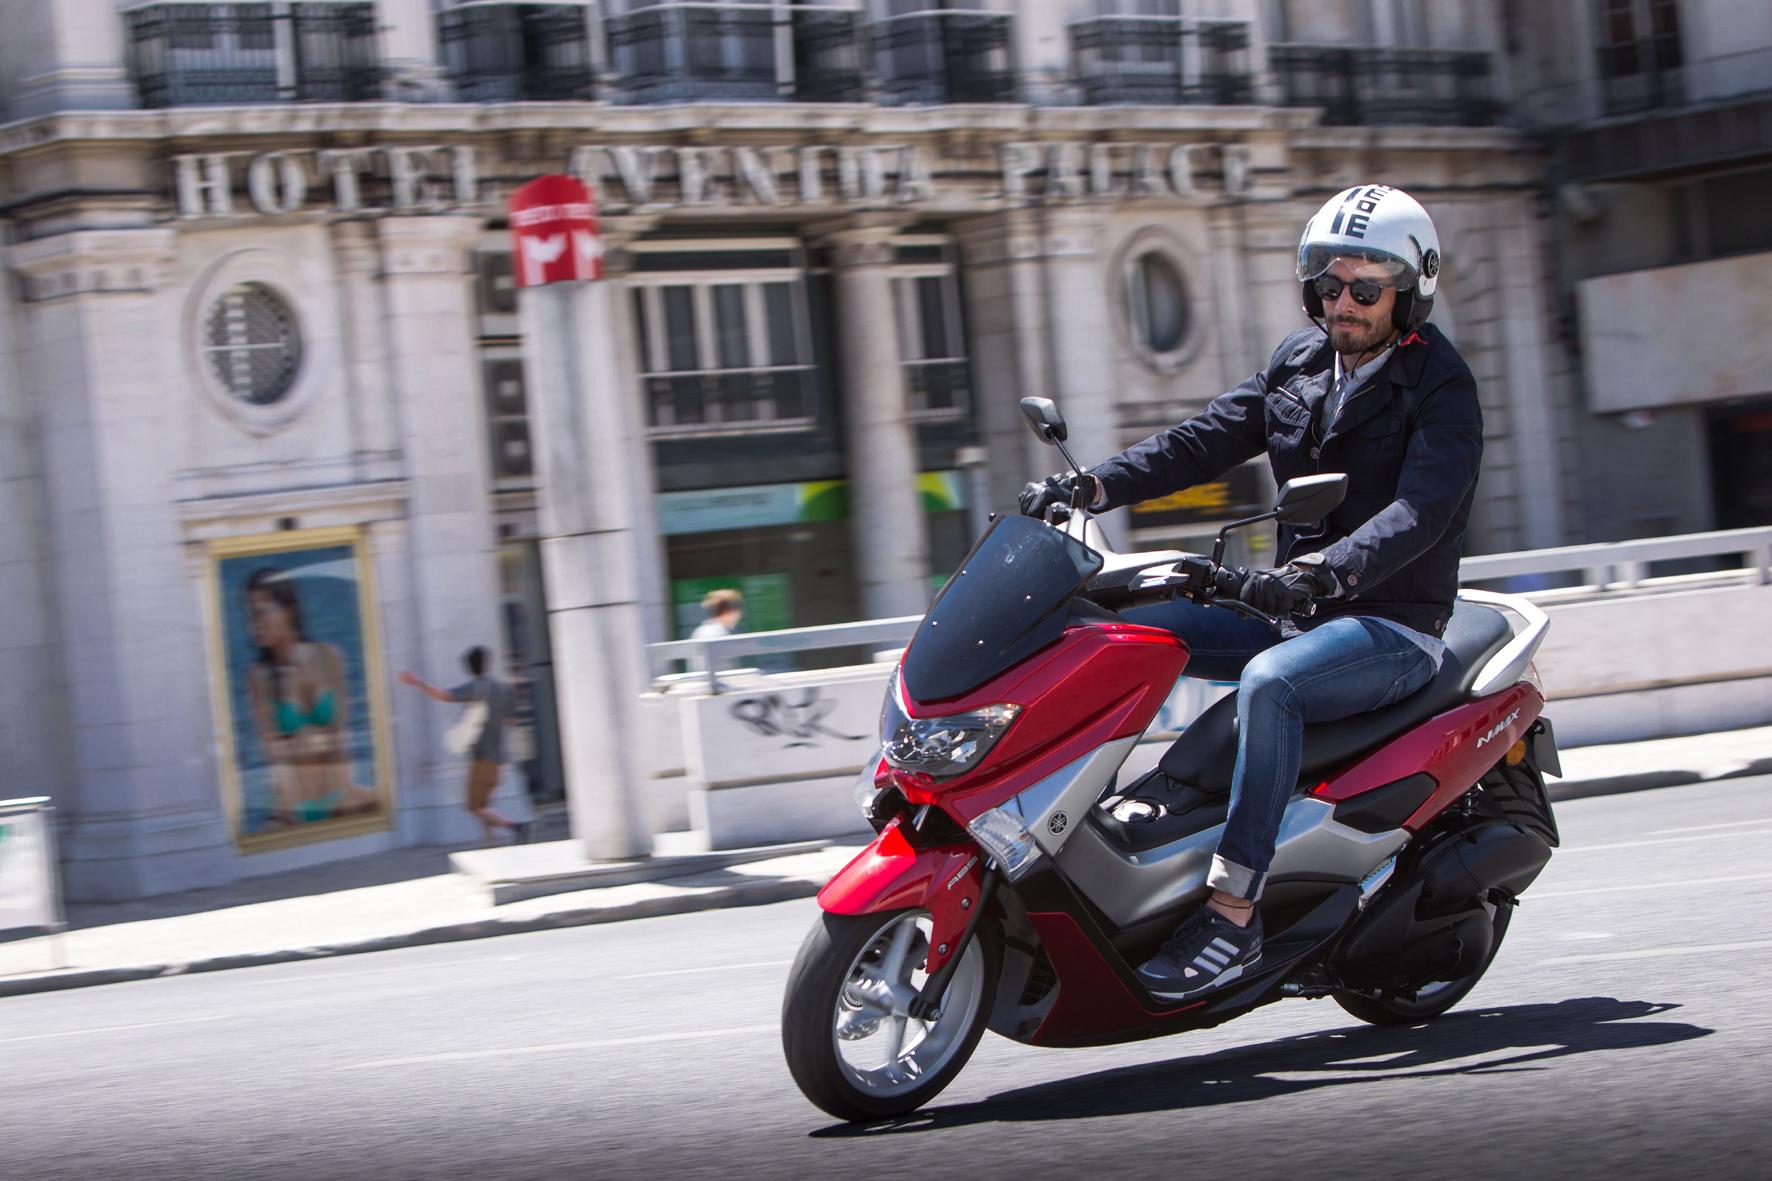 mid Lissabon - Quirliger 125er-Scooter zum Sparpreis: Der neue Yamaha NMAX überzeugt insbesondere im Stadtverkehr und ist bereits für 2.985 Euro zu haben.